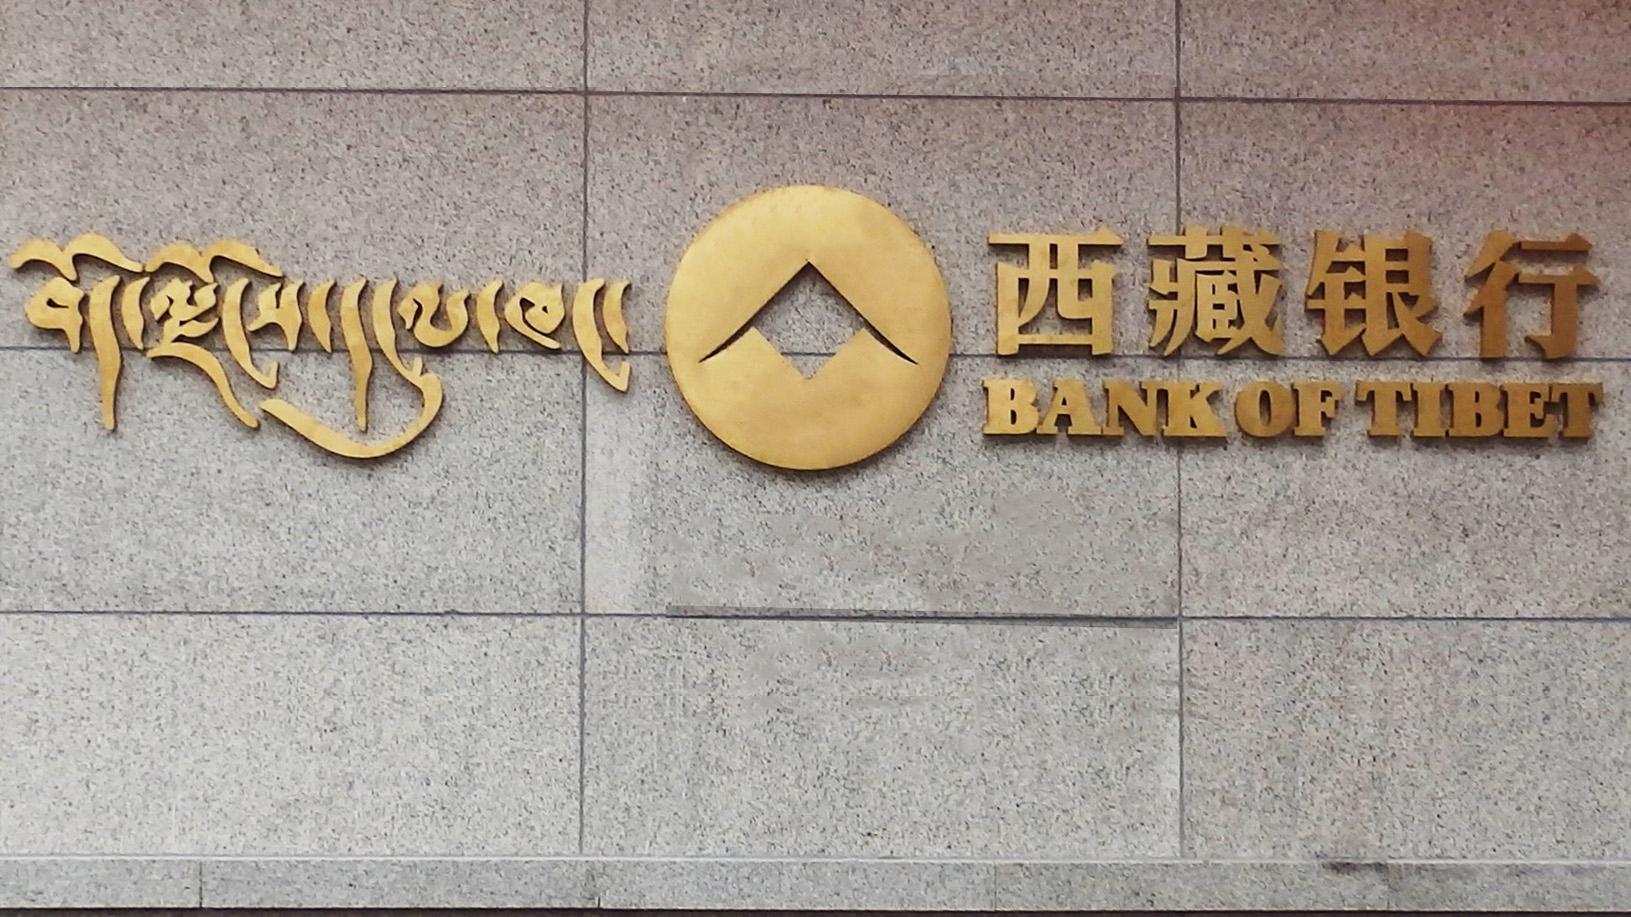 落地工程西藏银行装饰工程标识制作应用场景_3